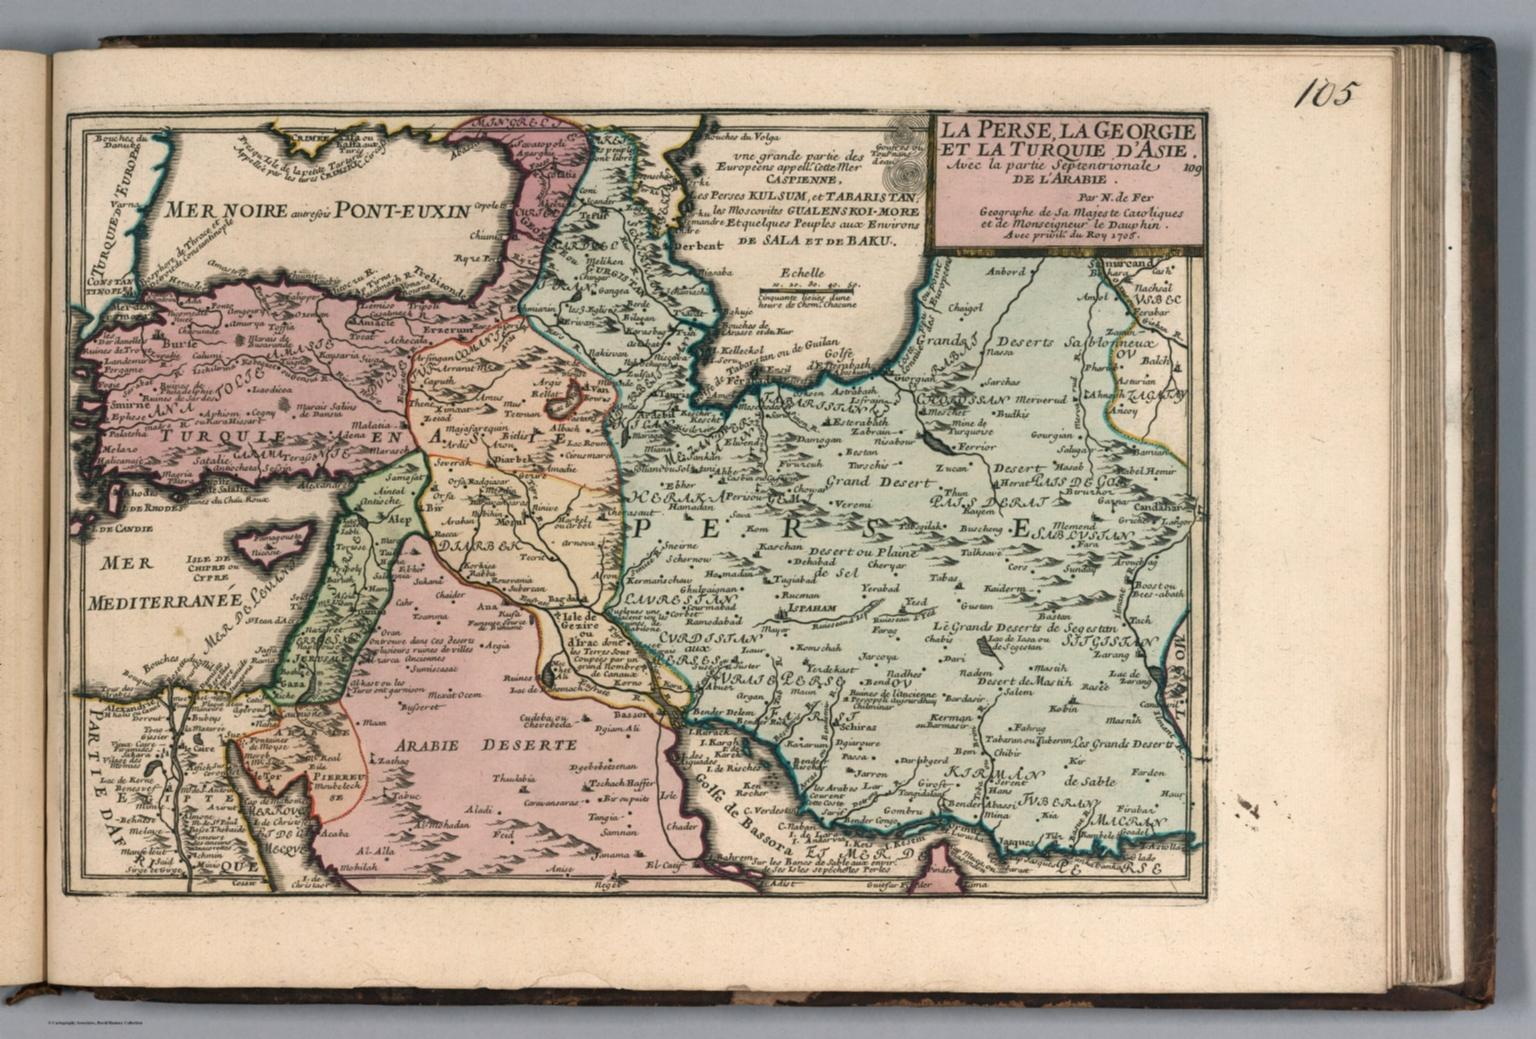 La Perse la Georgie et la Turquie d'Asie.